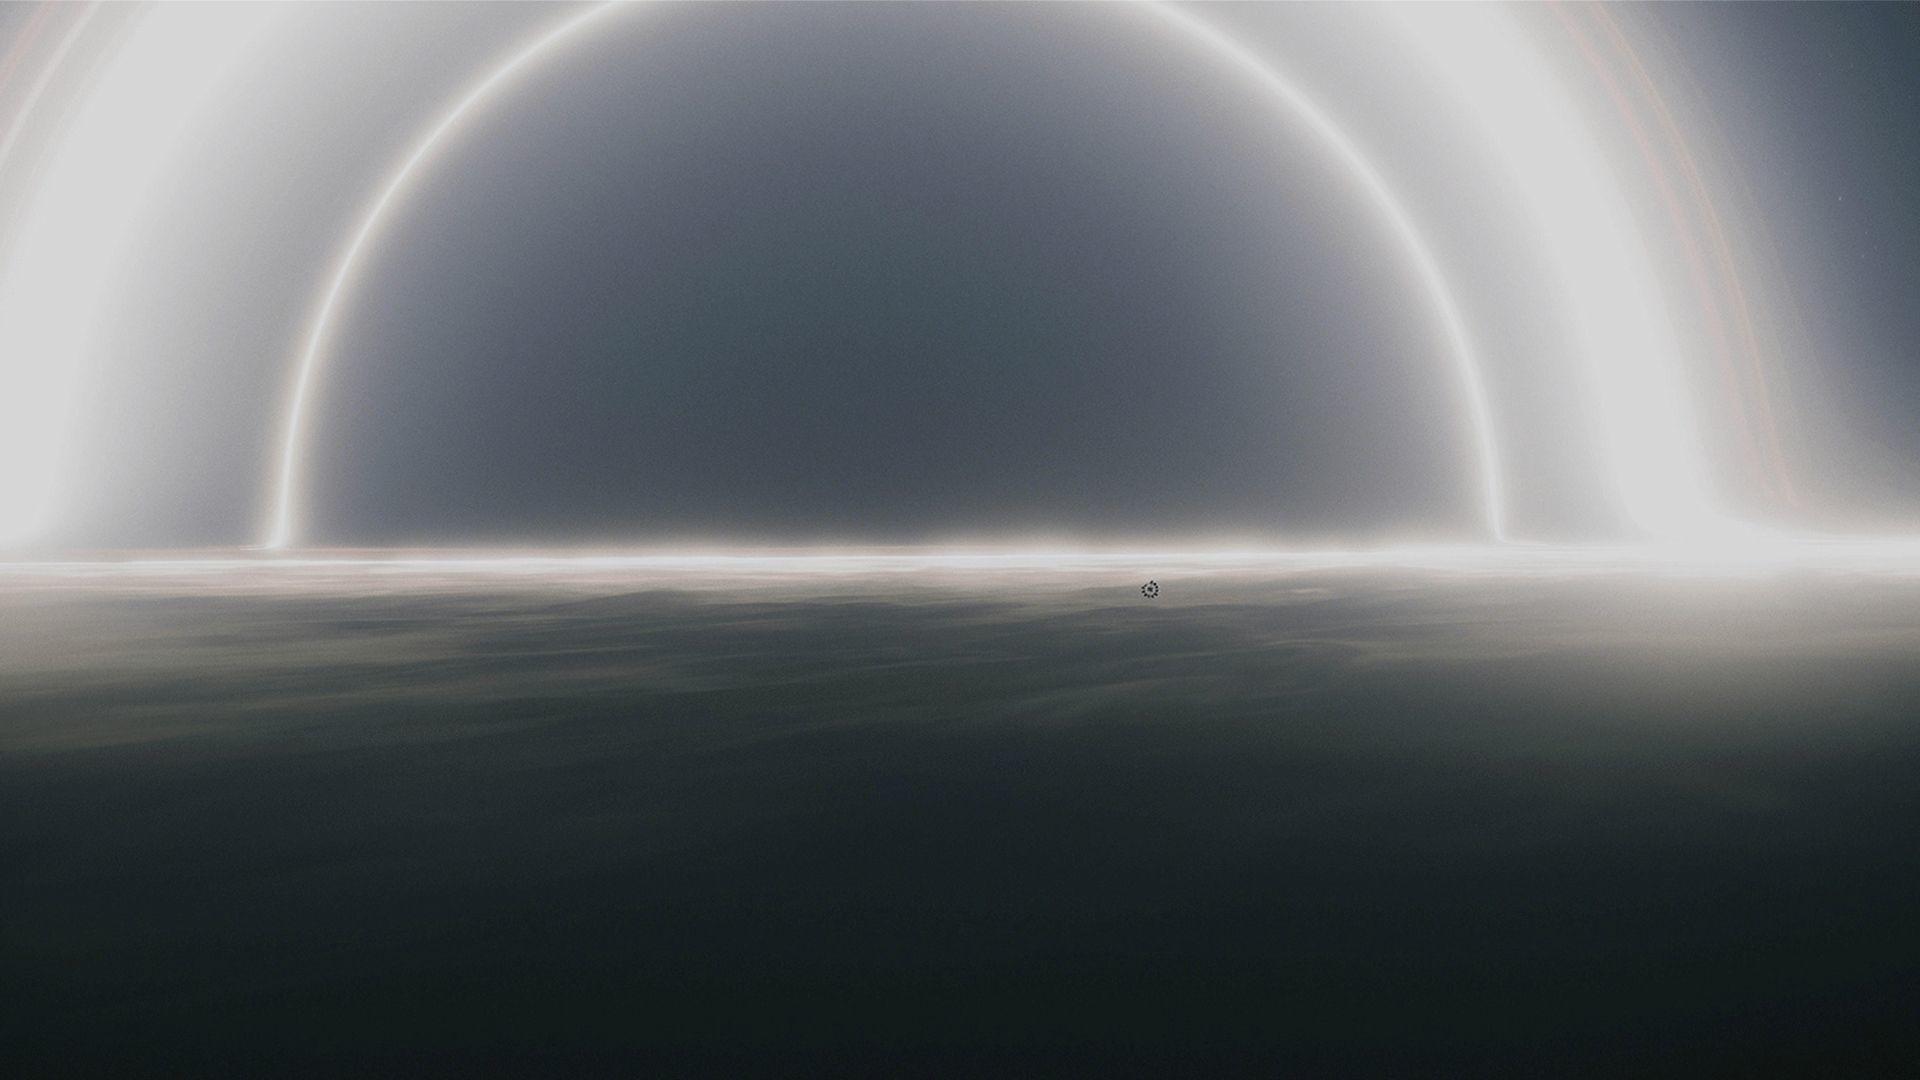 New Interstellar wallpaper [1920×1080] …